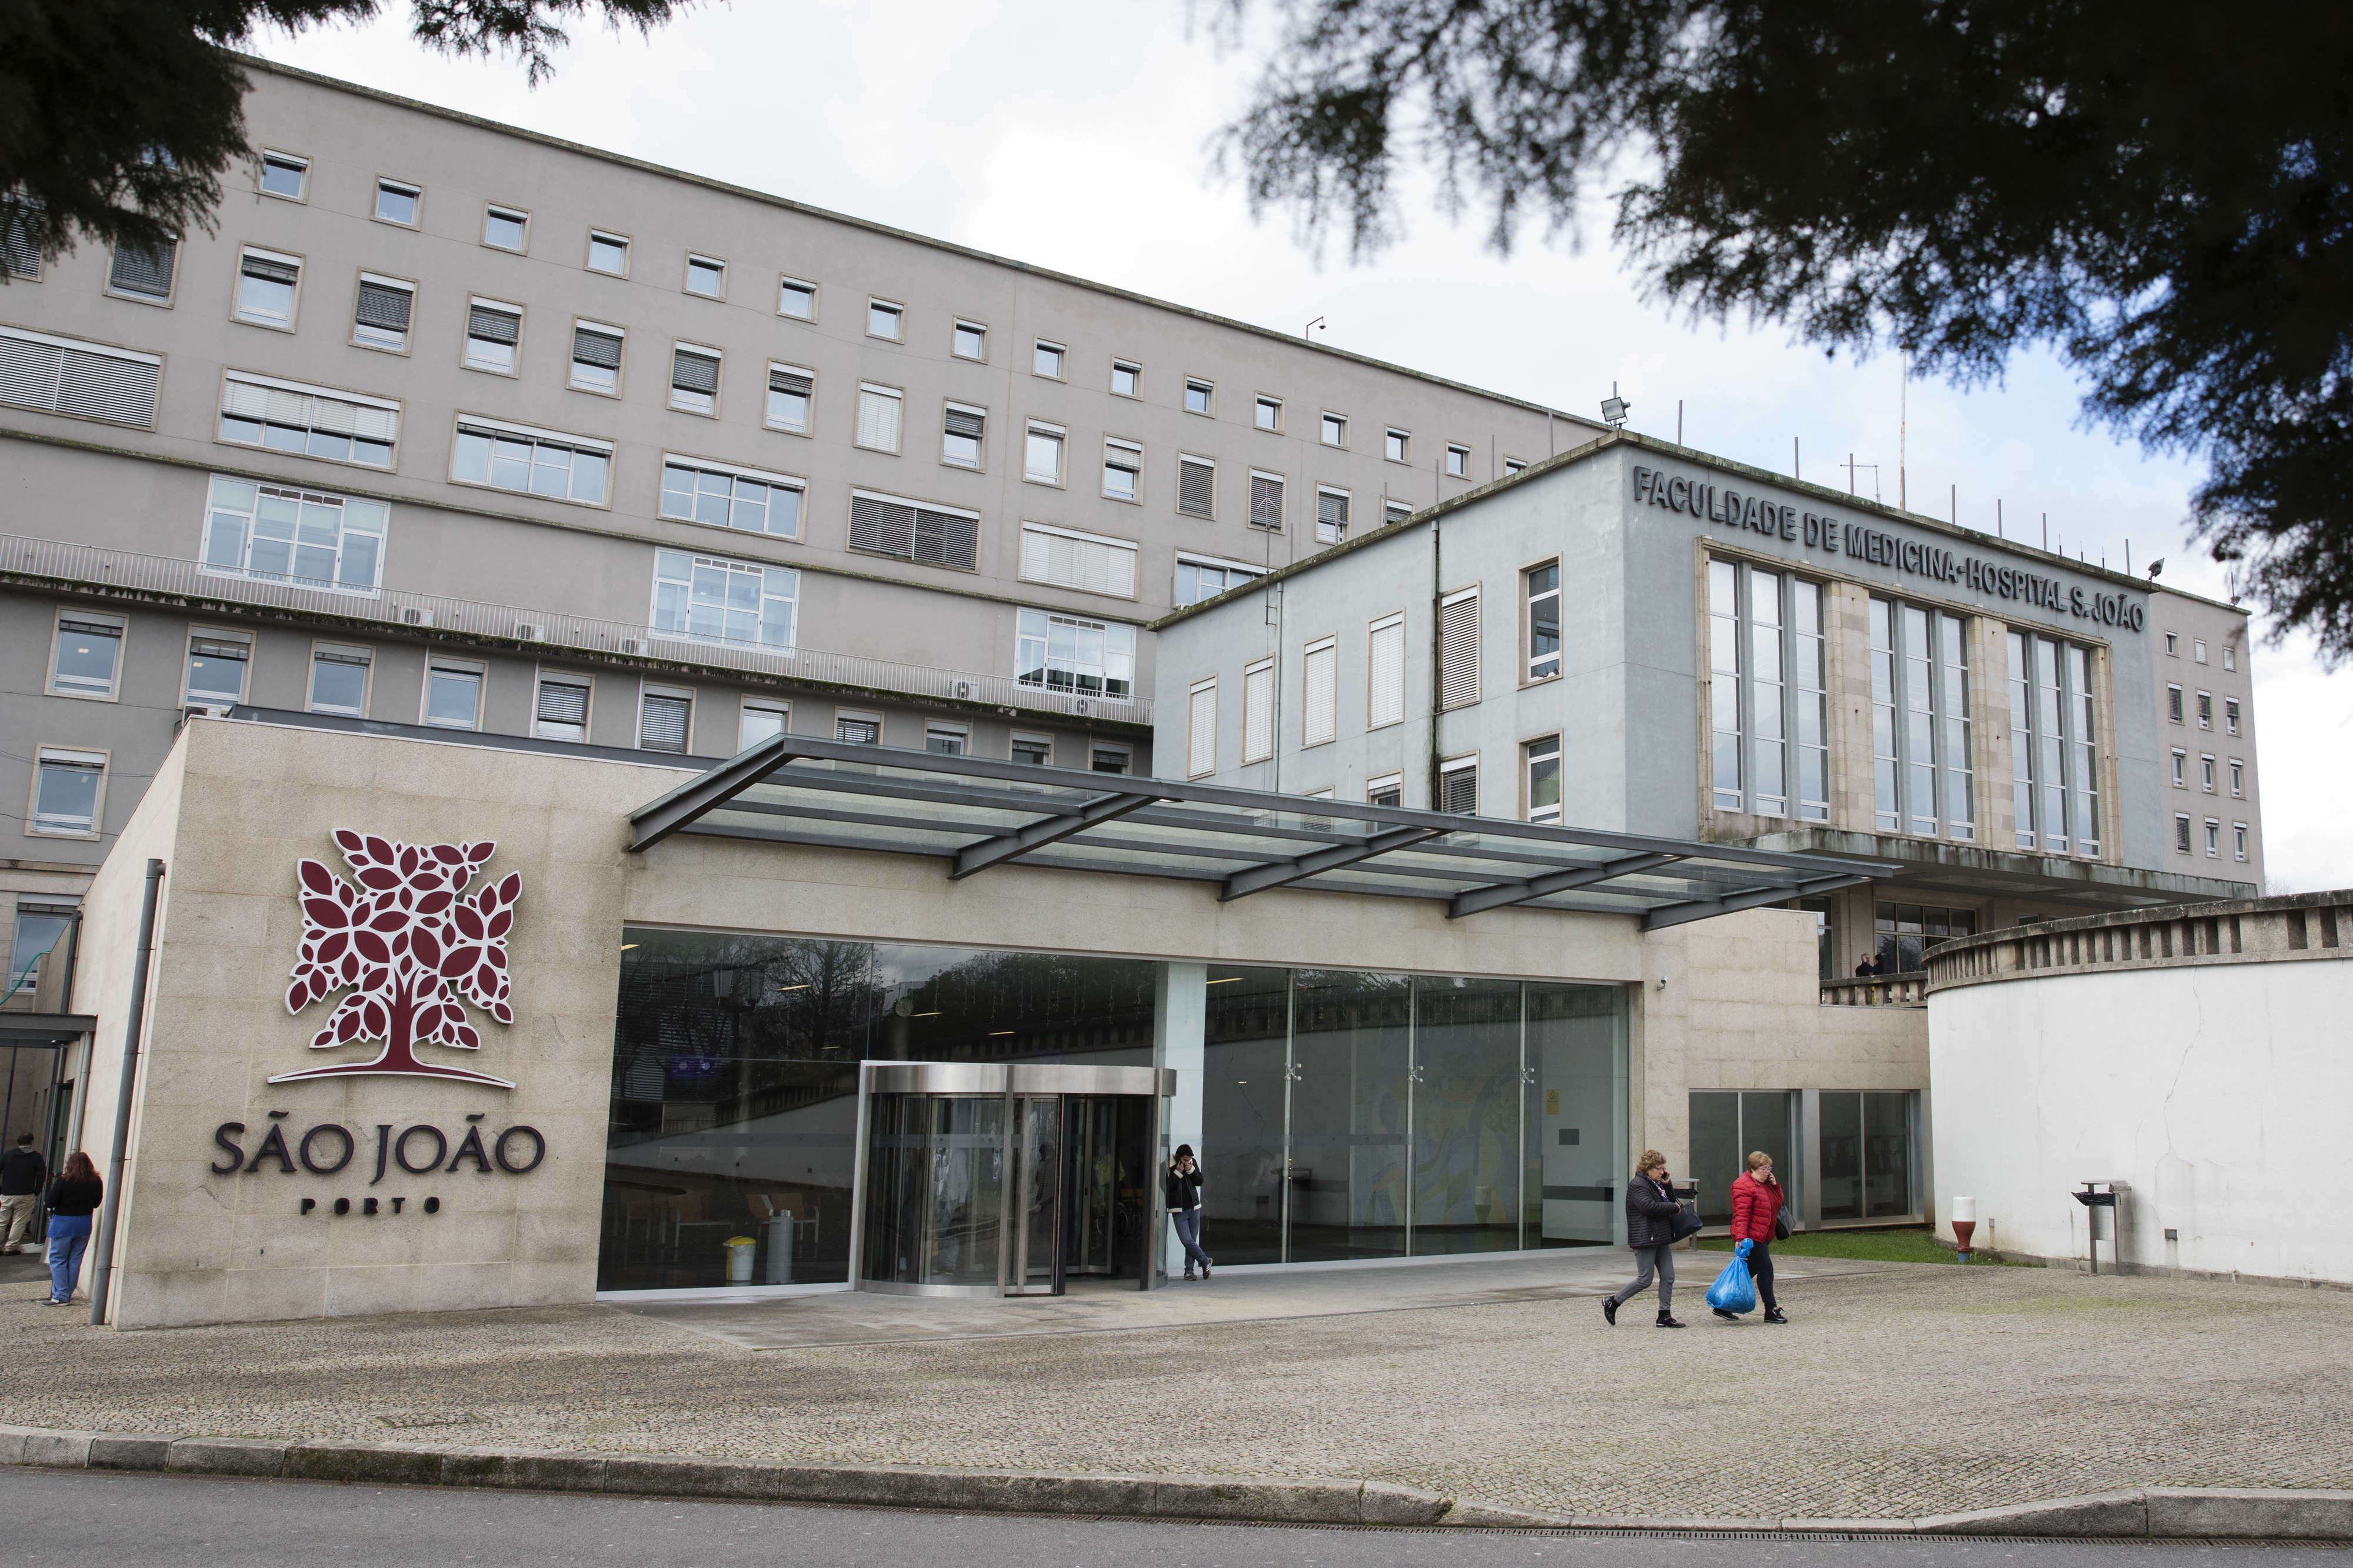 Hospital de São João estima fazer mais de 500 cirurgias anuais com nova sala